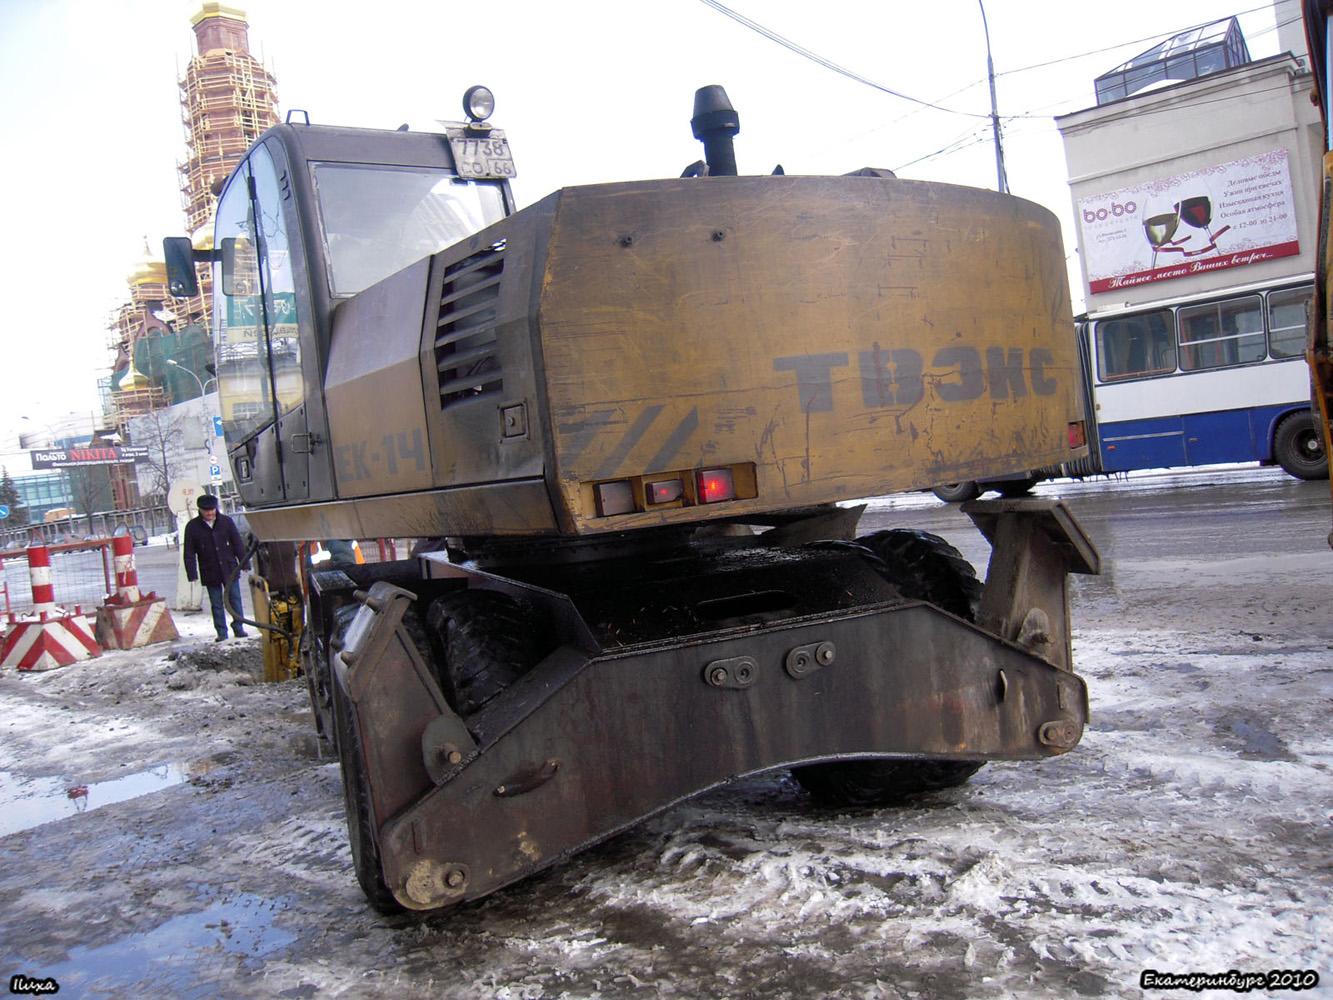 Экскаватор ТвЭкс ЕК-14 #7738 СО 66. Екатеринбург, улица 8-марта